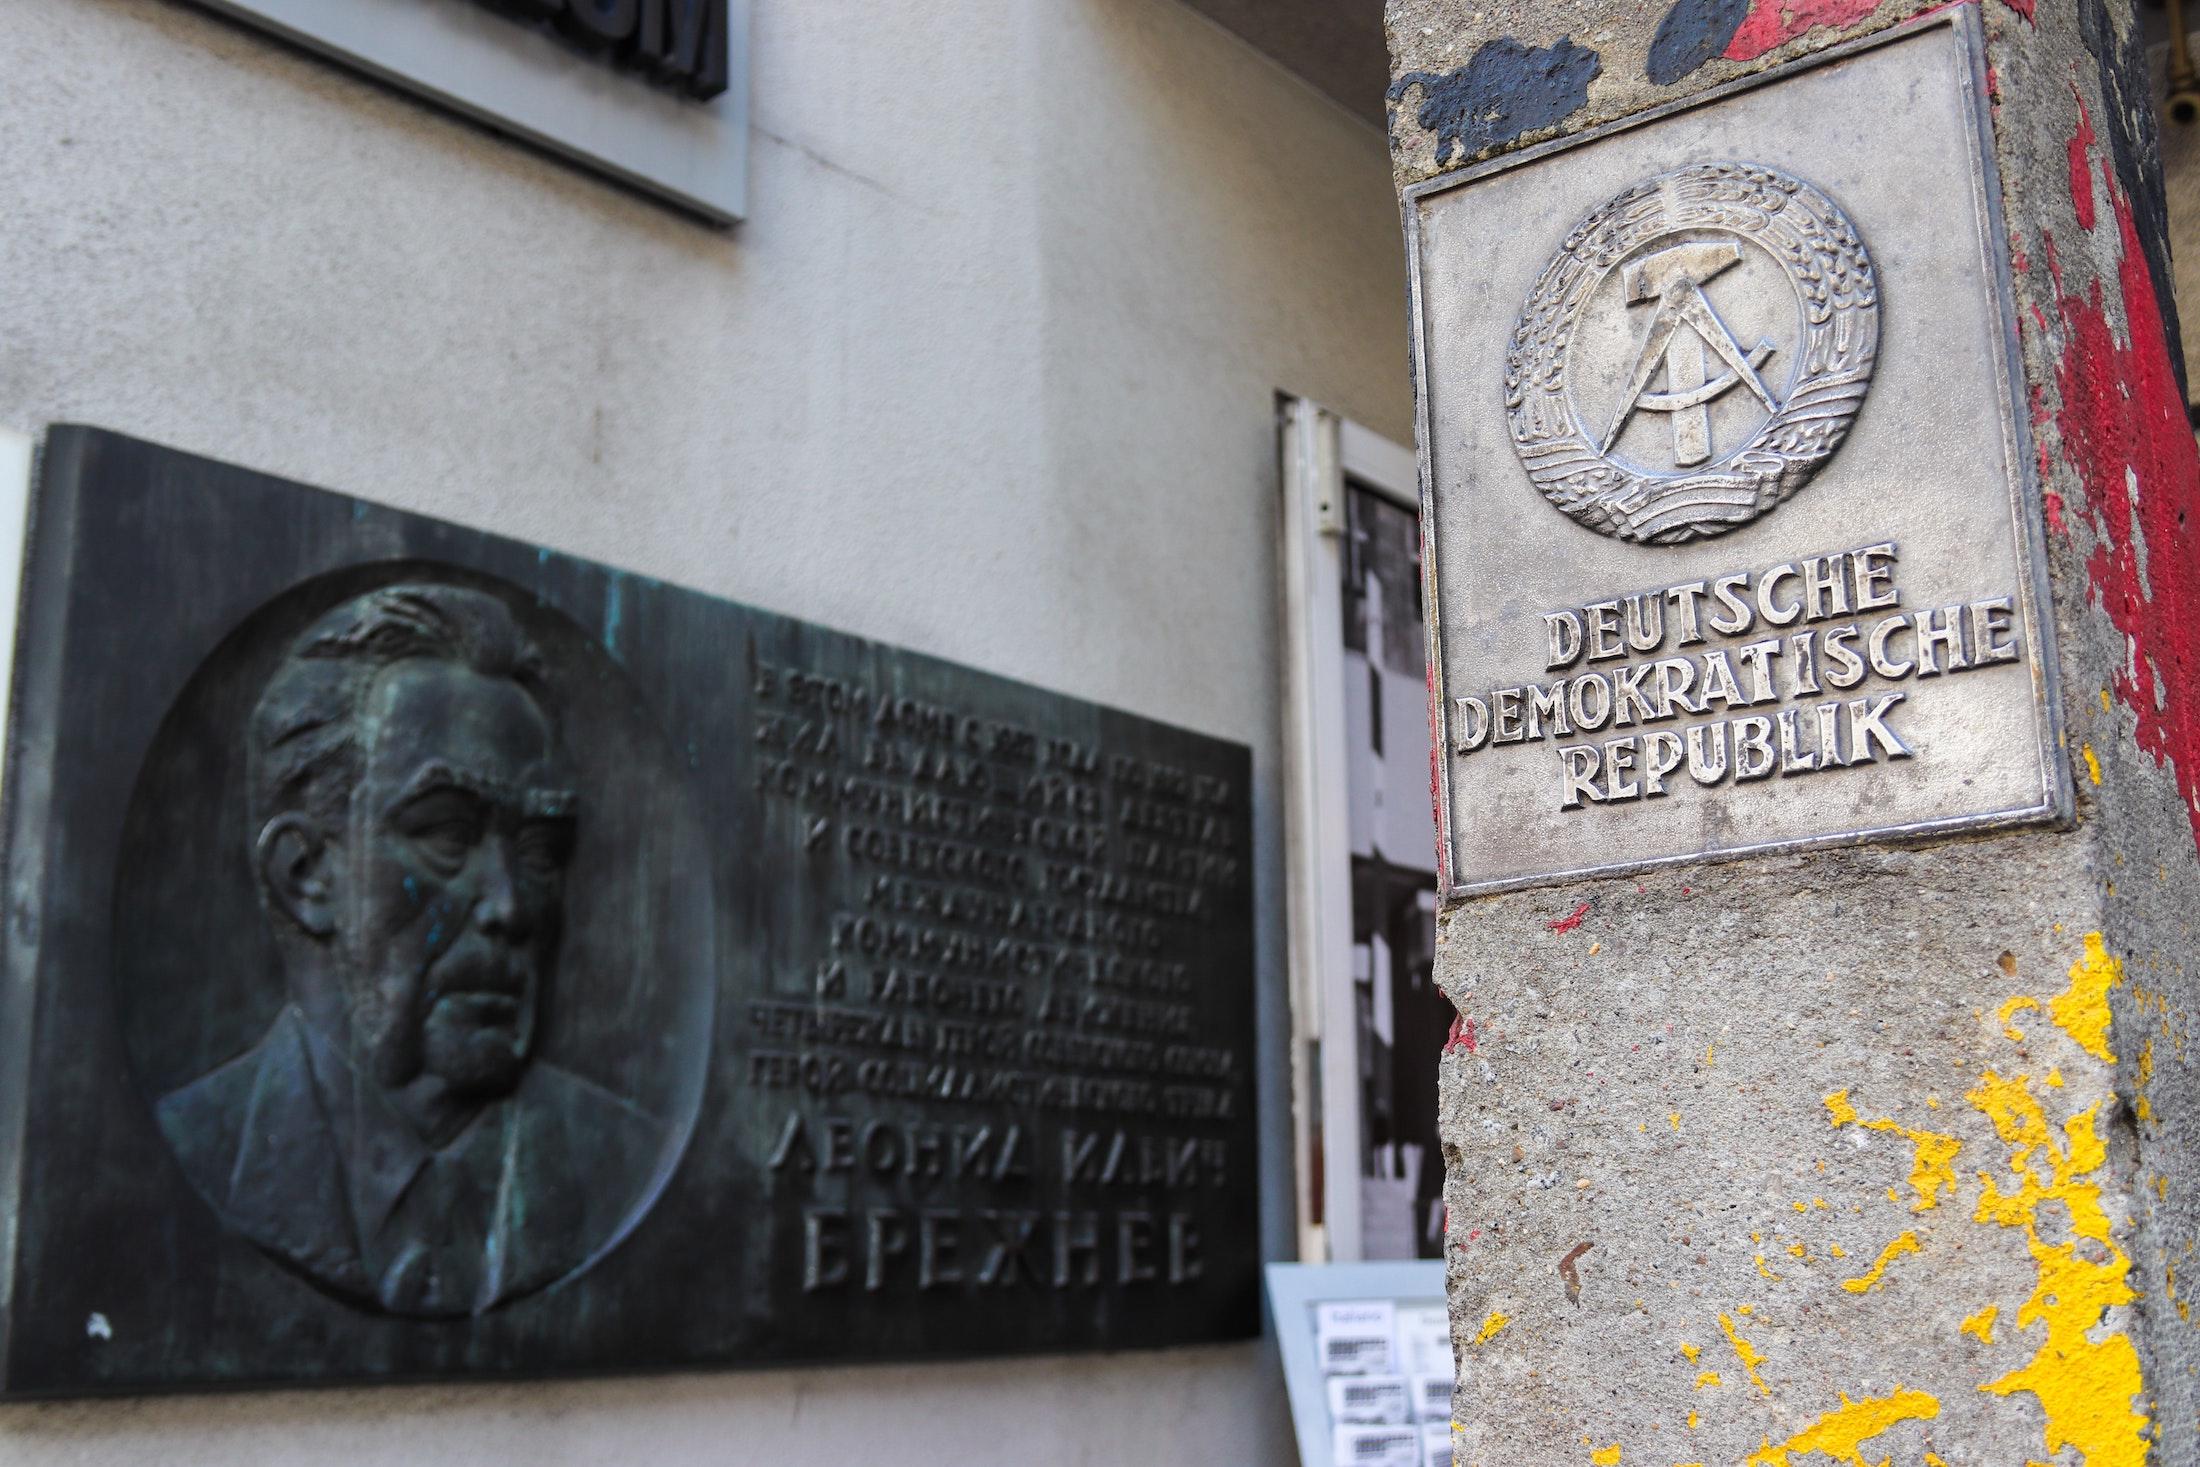 Eine Szene aus Berlin, mit dem Hoheitsschild der DDR an einem Betonpfeiler